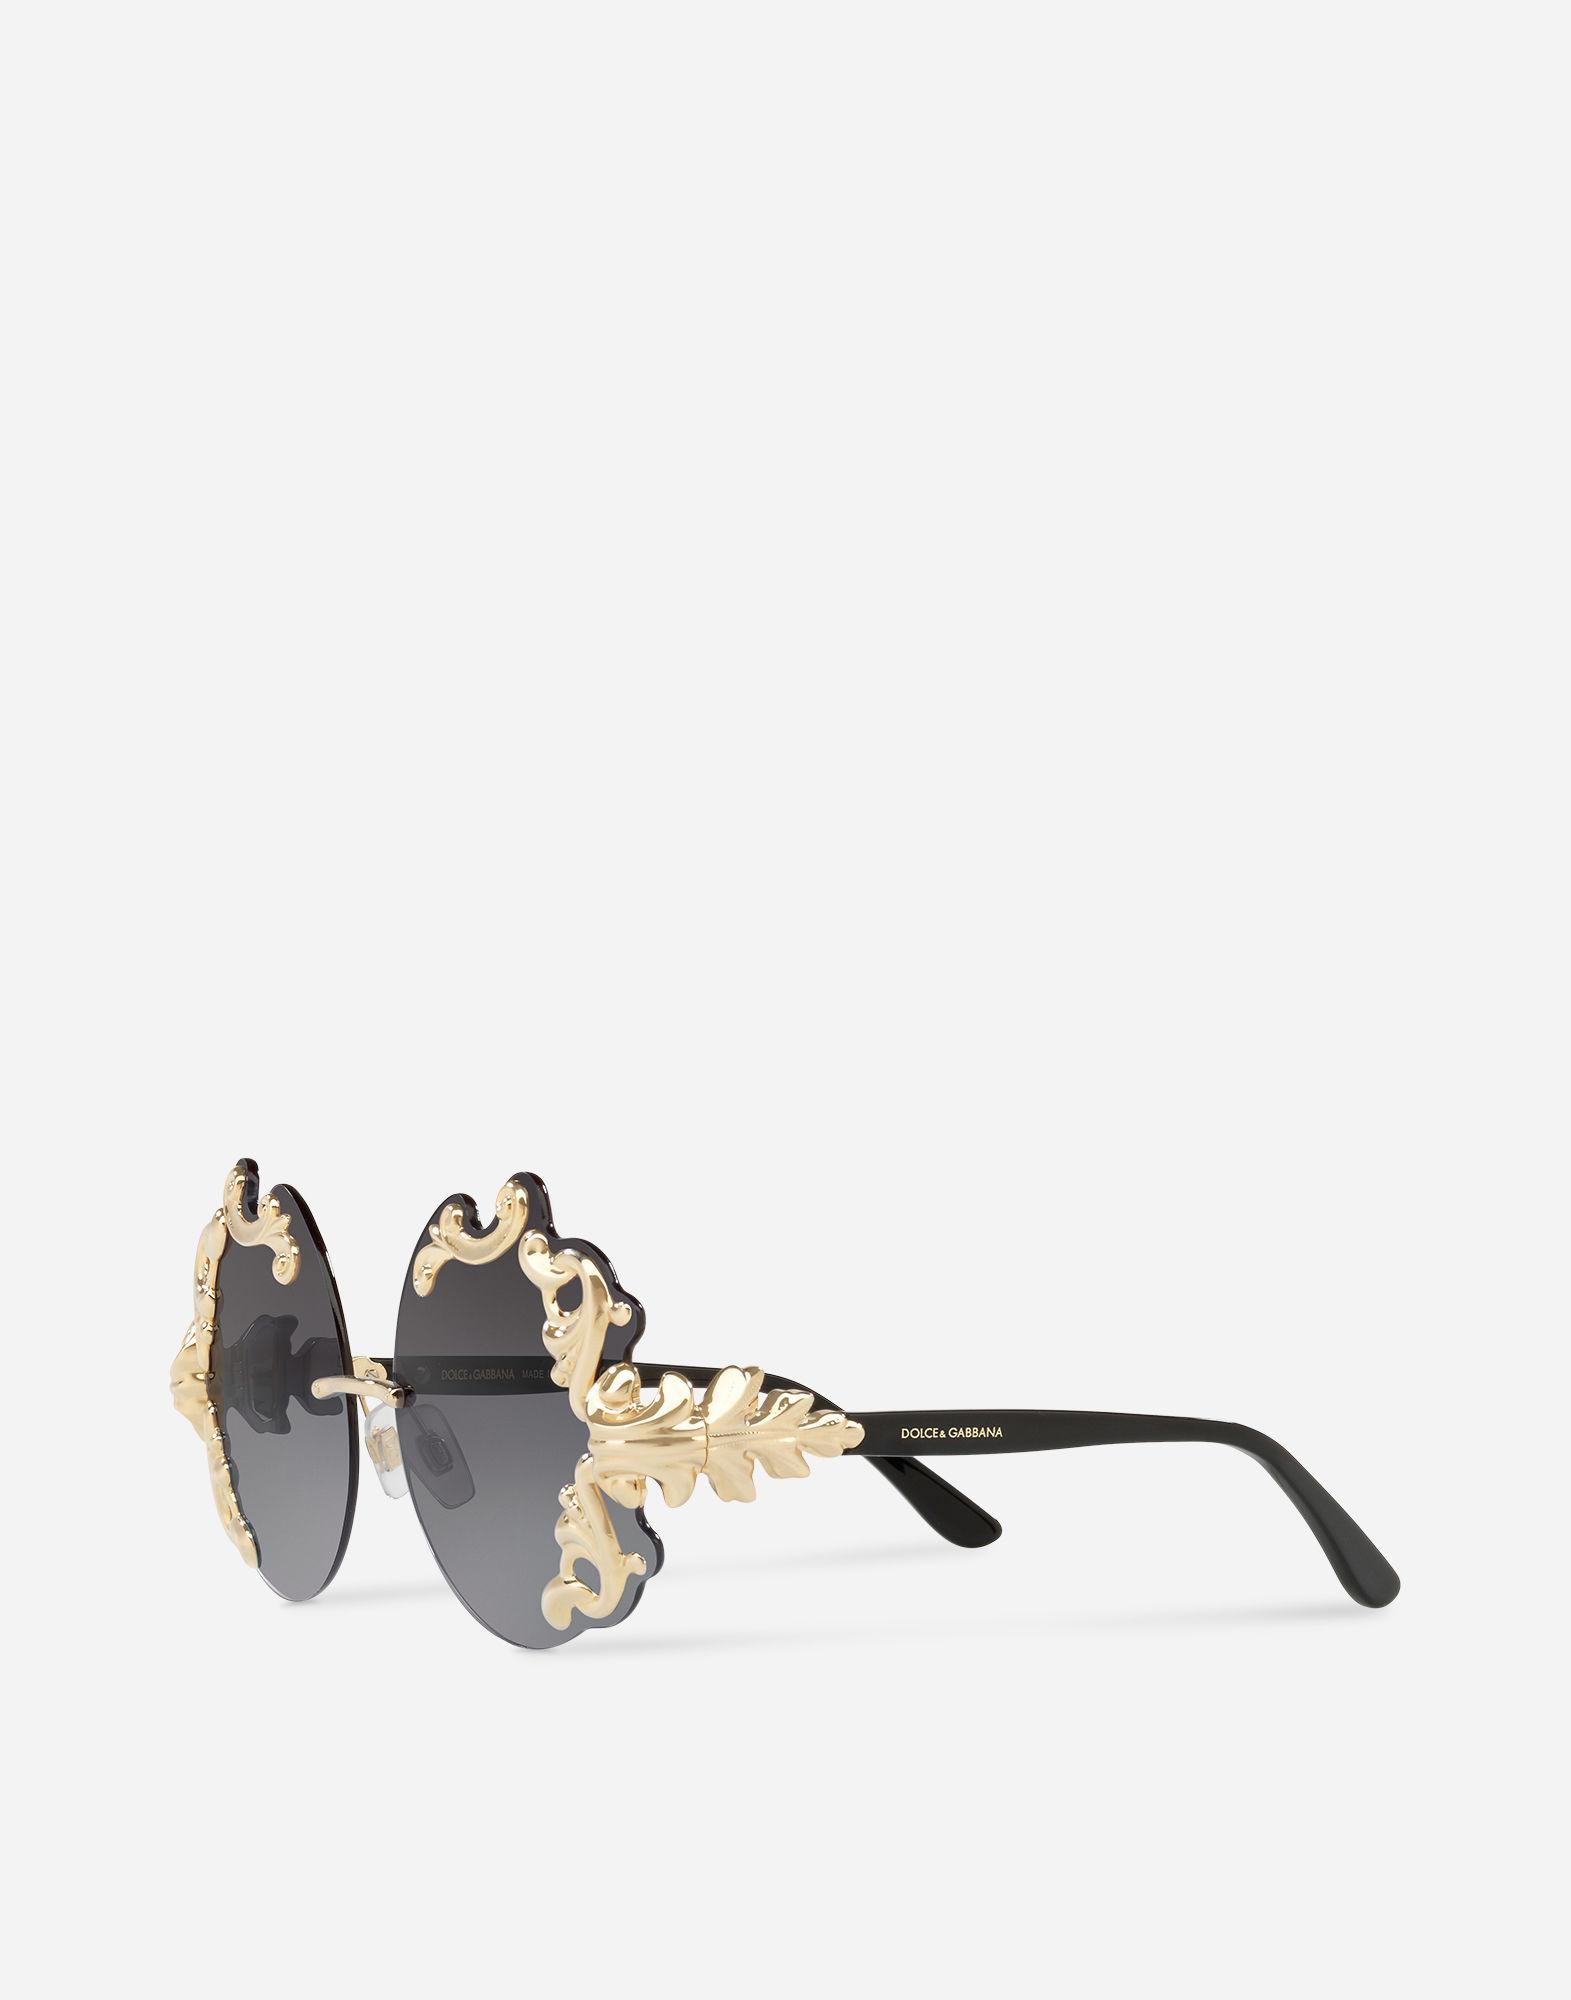 2960e8da04d Dolce And Gabana Sun Glasses - Best Glasses Cnapracticetesting.Com 2018